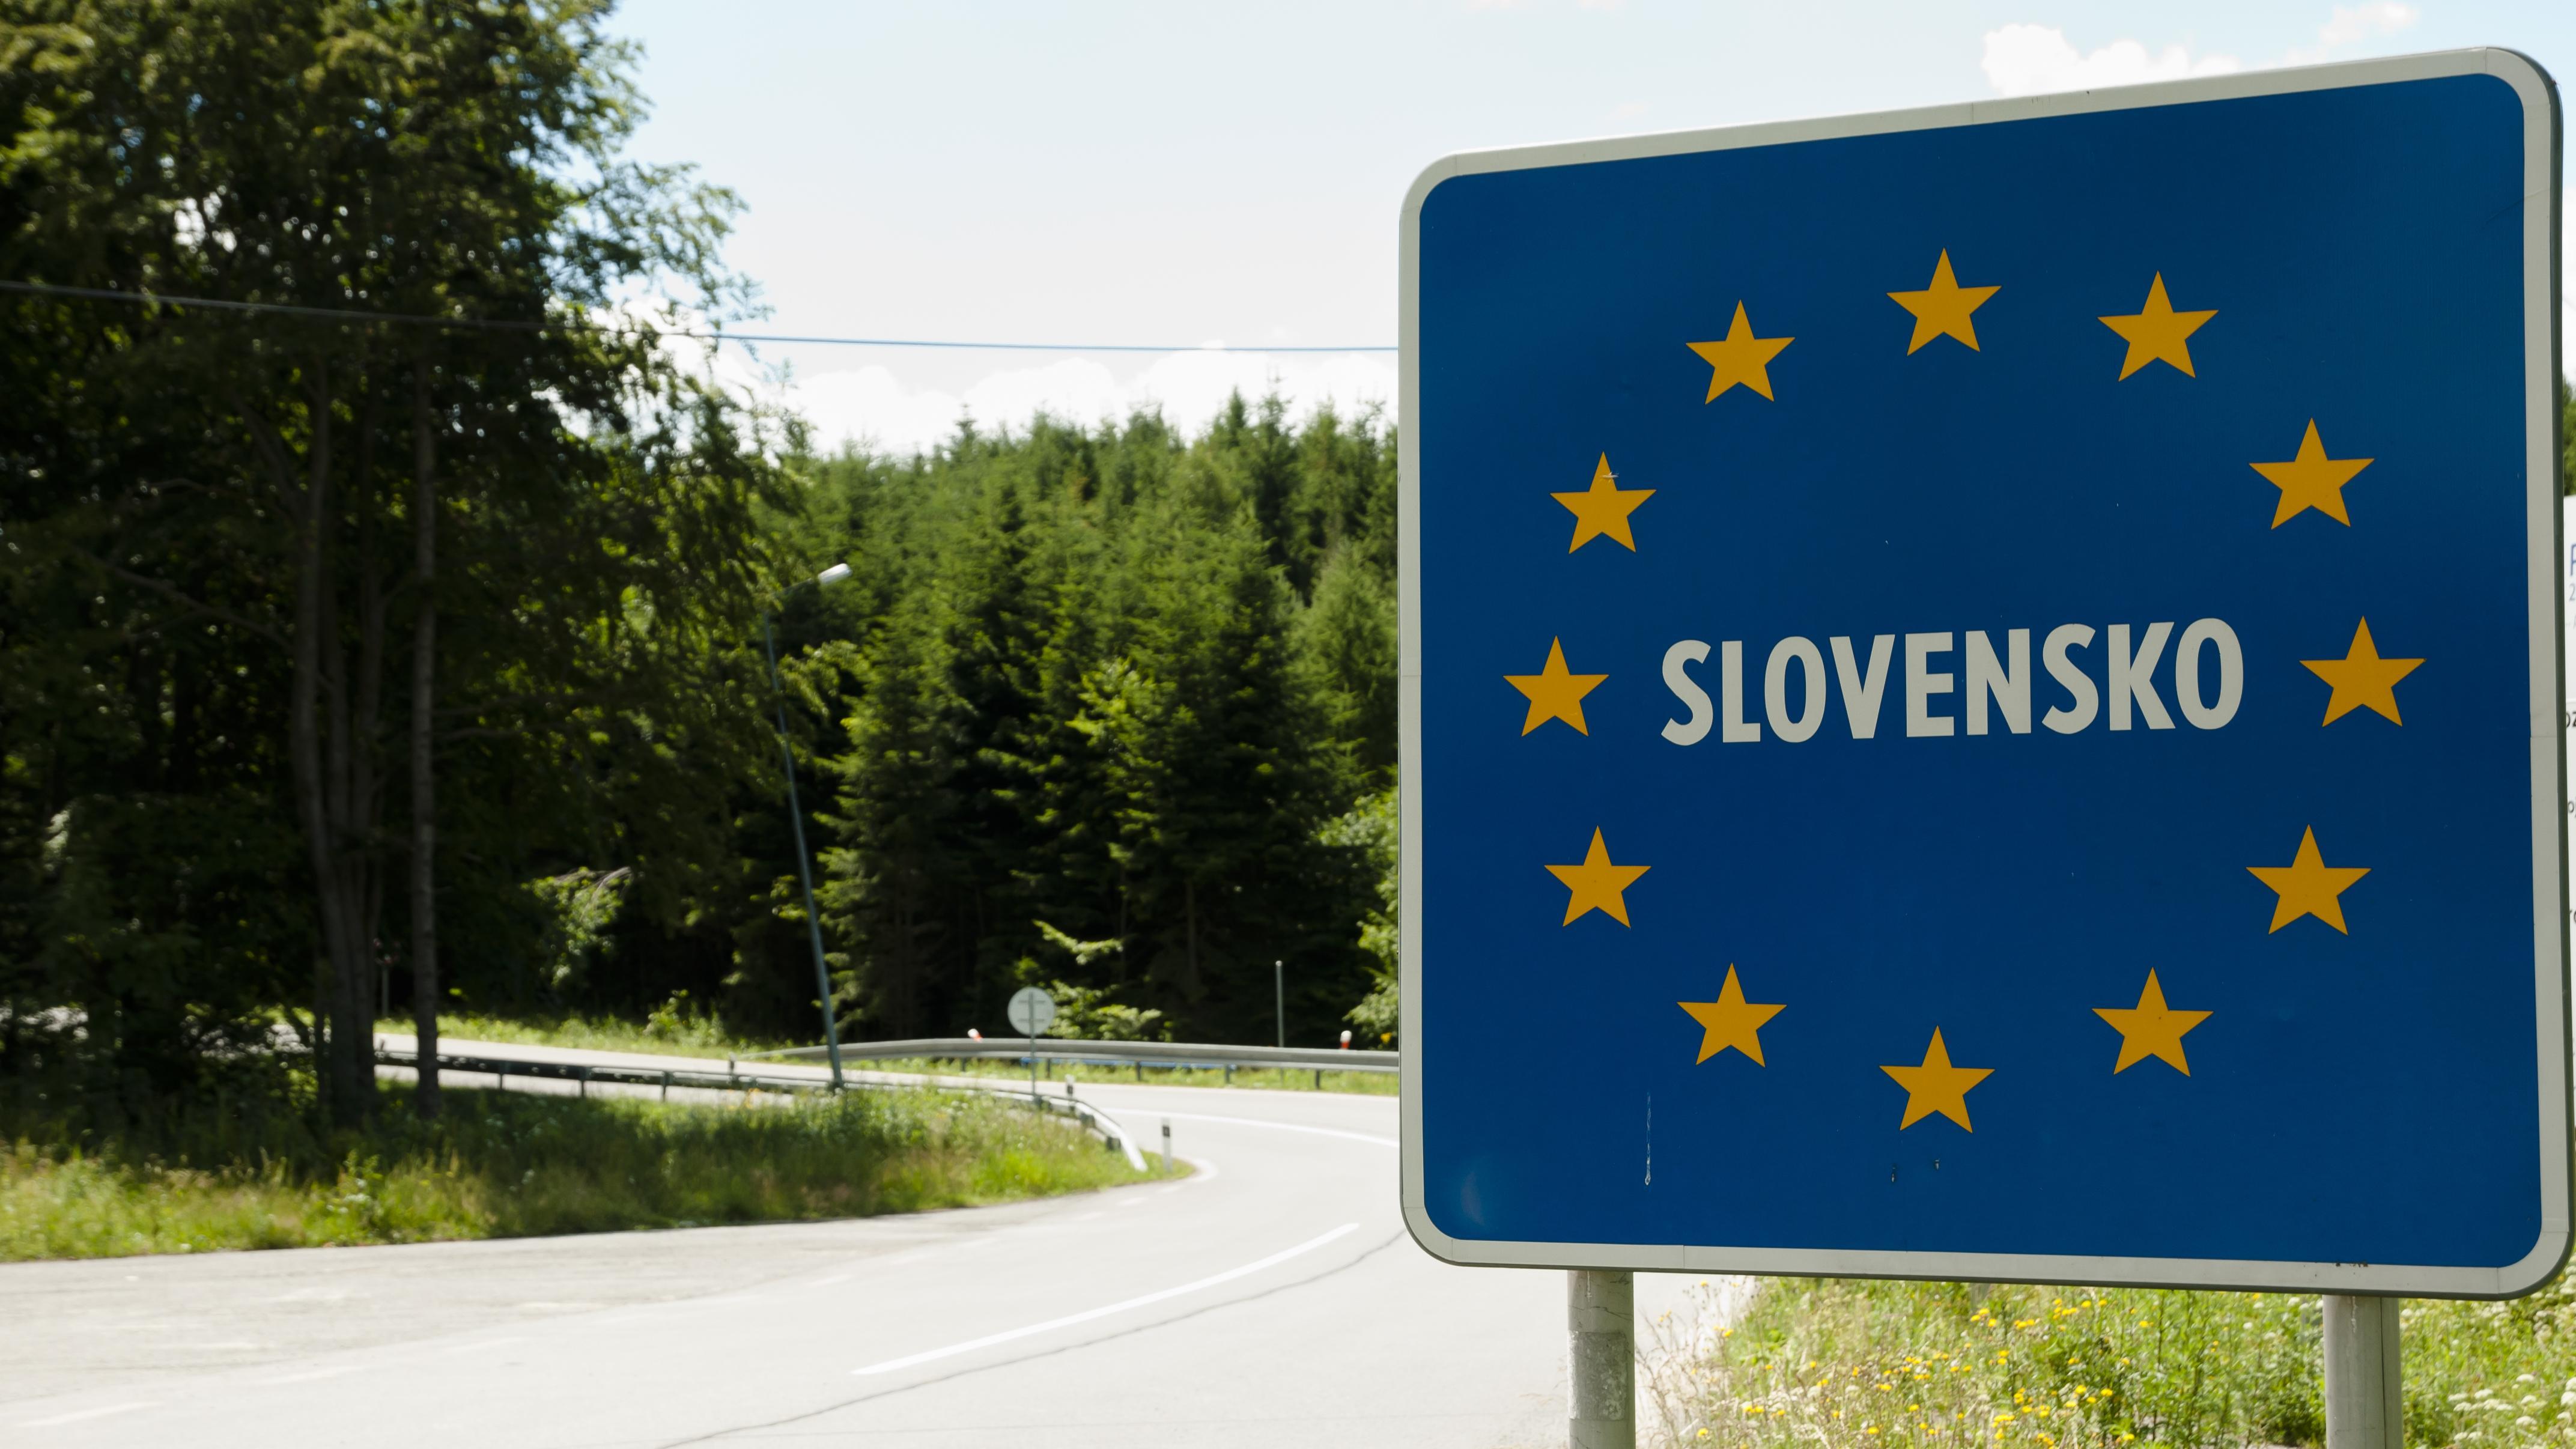 Część przejść zamknięto na granicy polsko-słowackiej - Zdjęcie główne